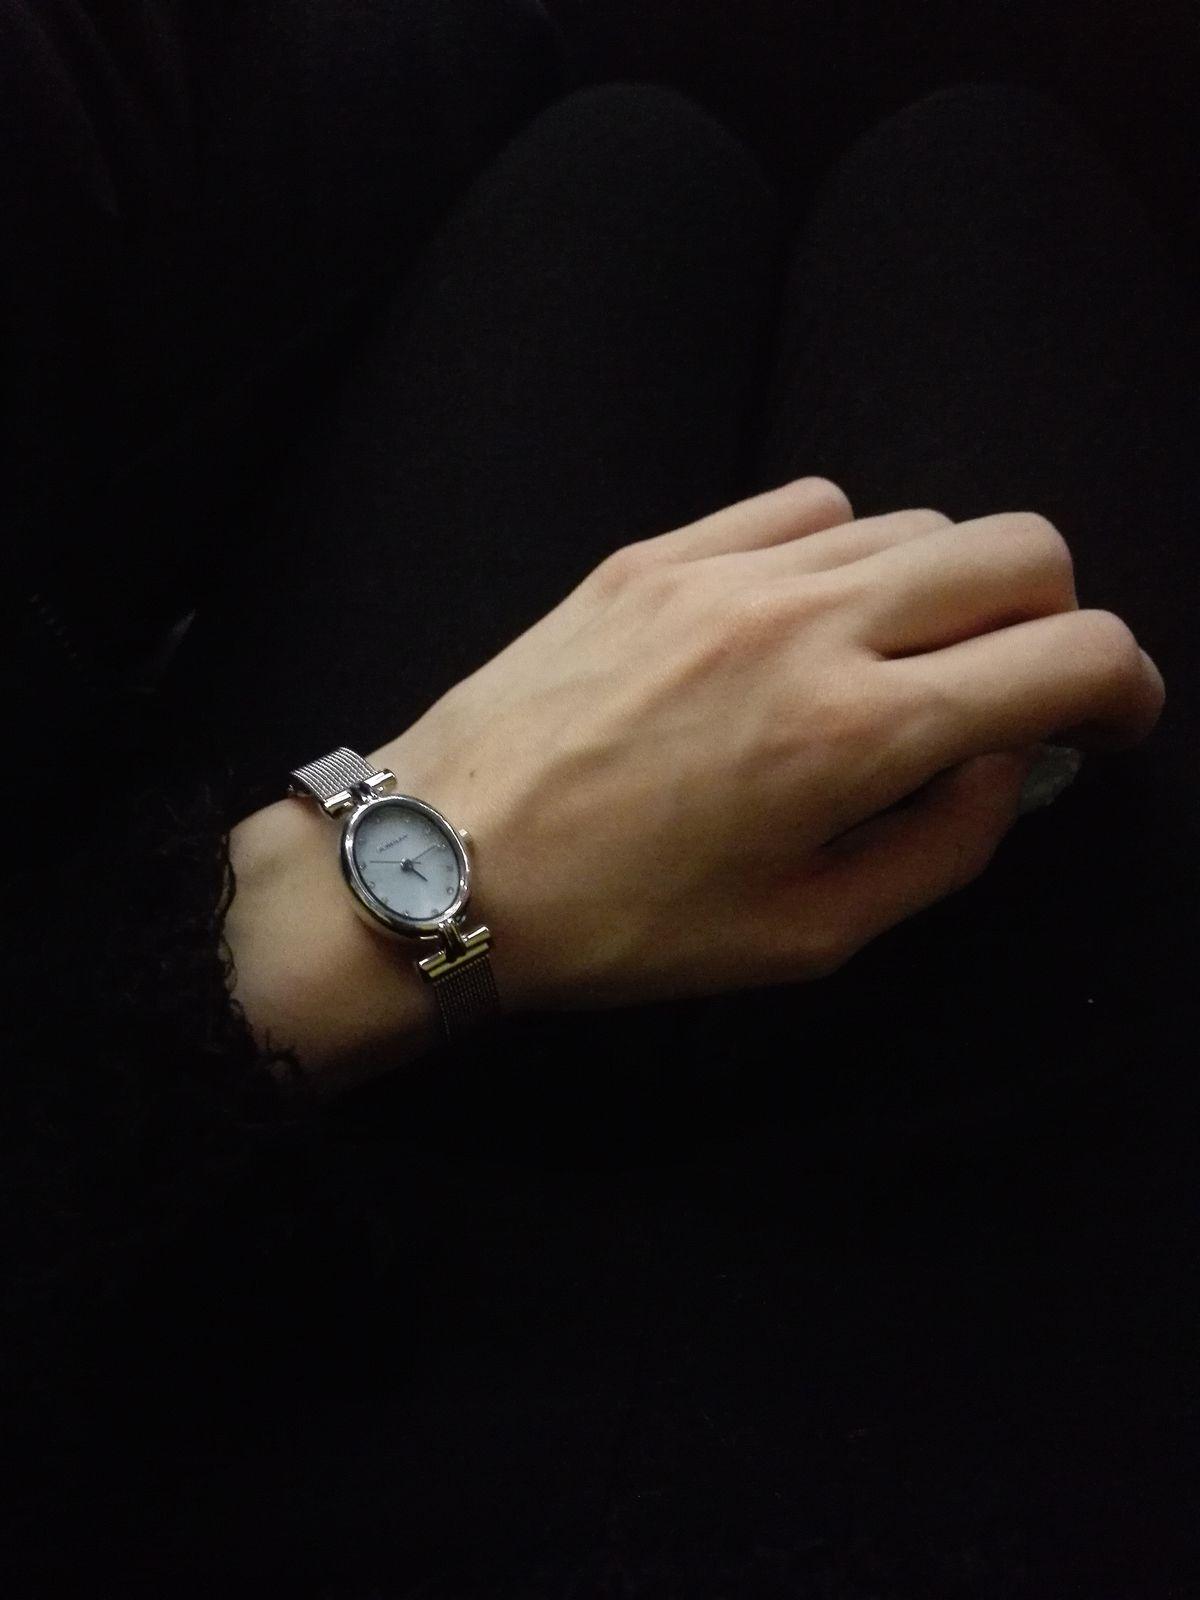 Отличные часы, просто, но со вкусом, шикарно смотрятся на тонкой руке.